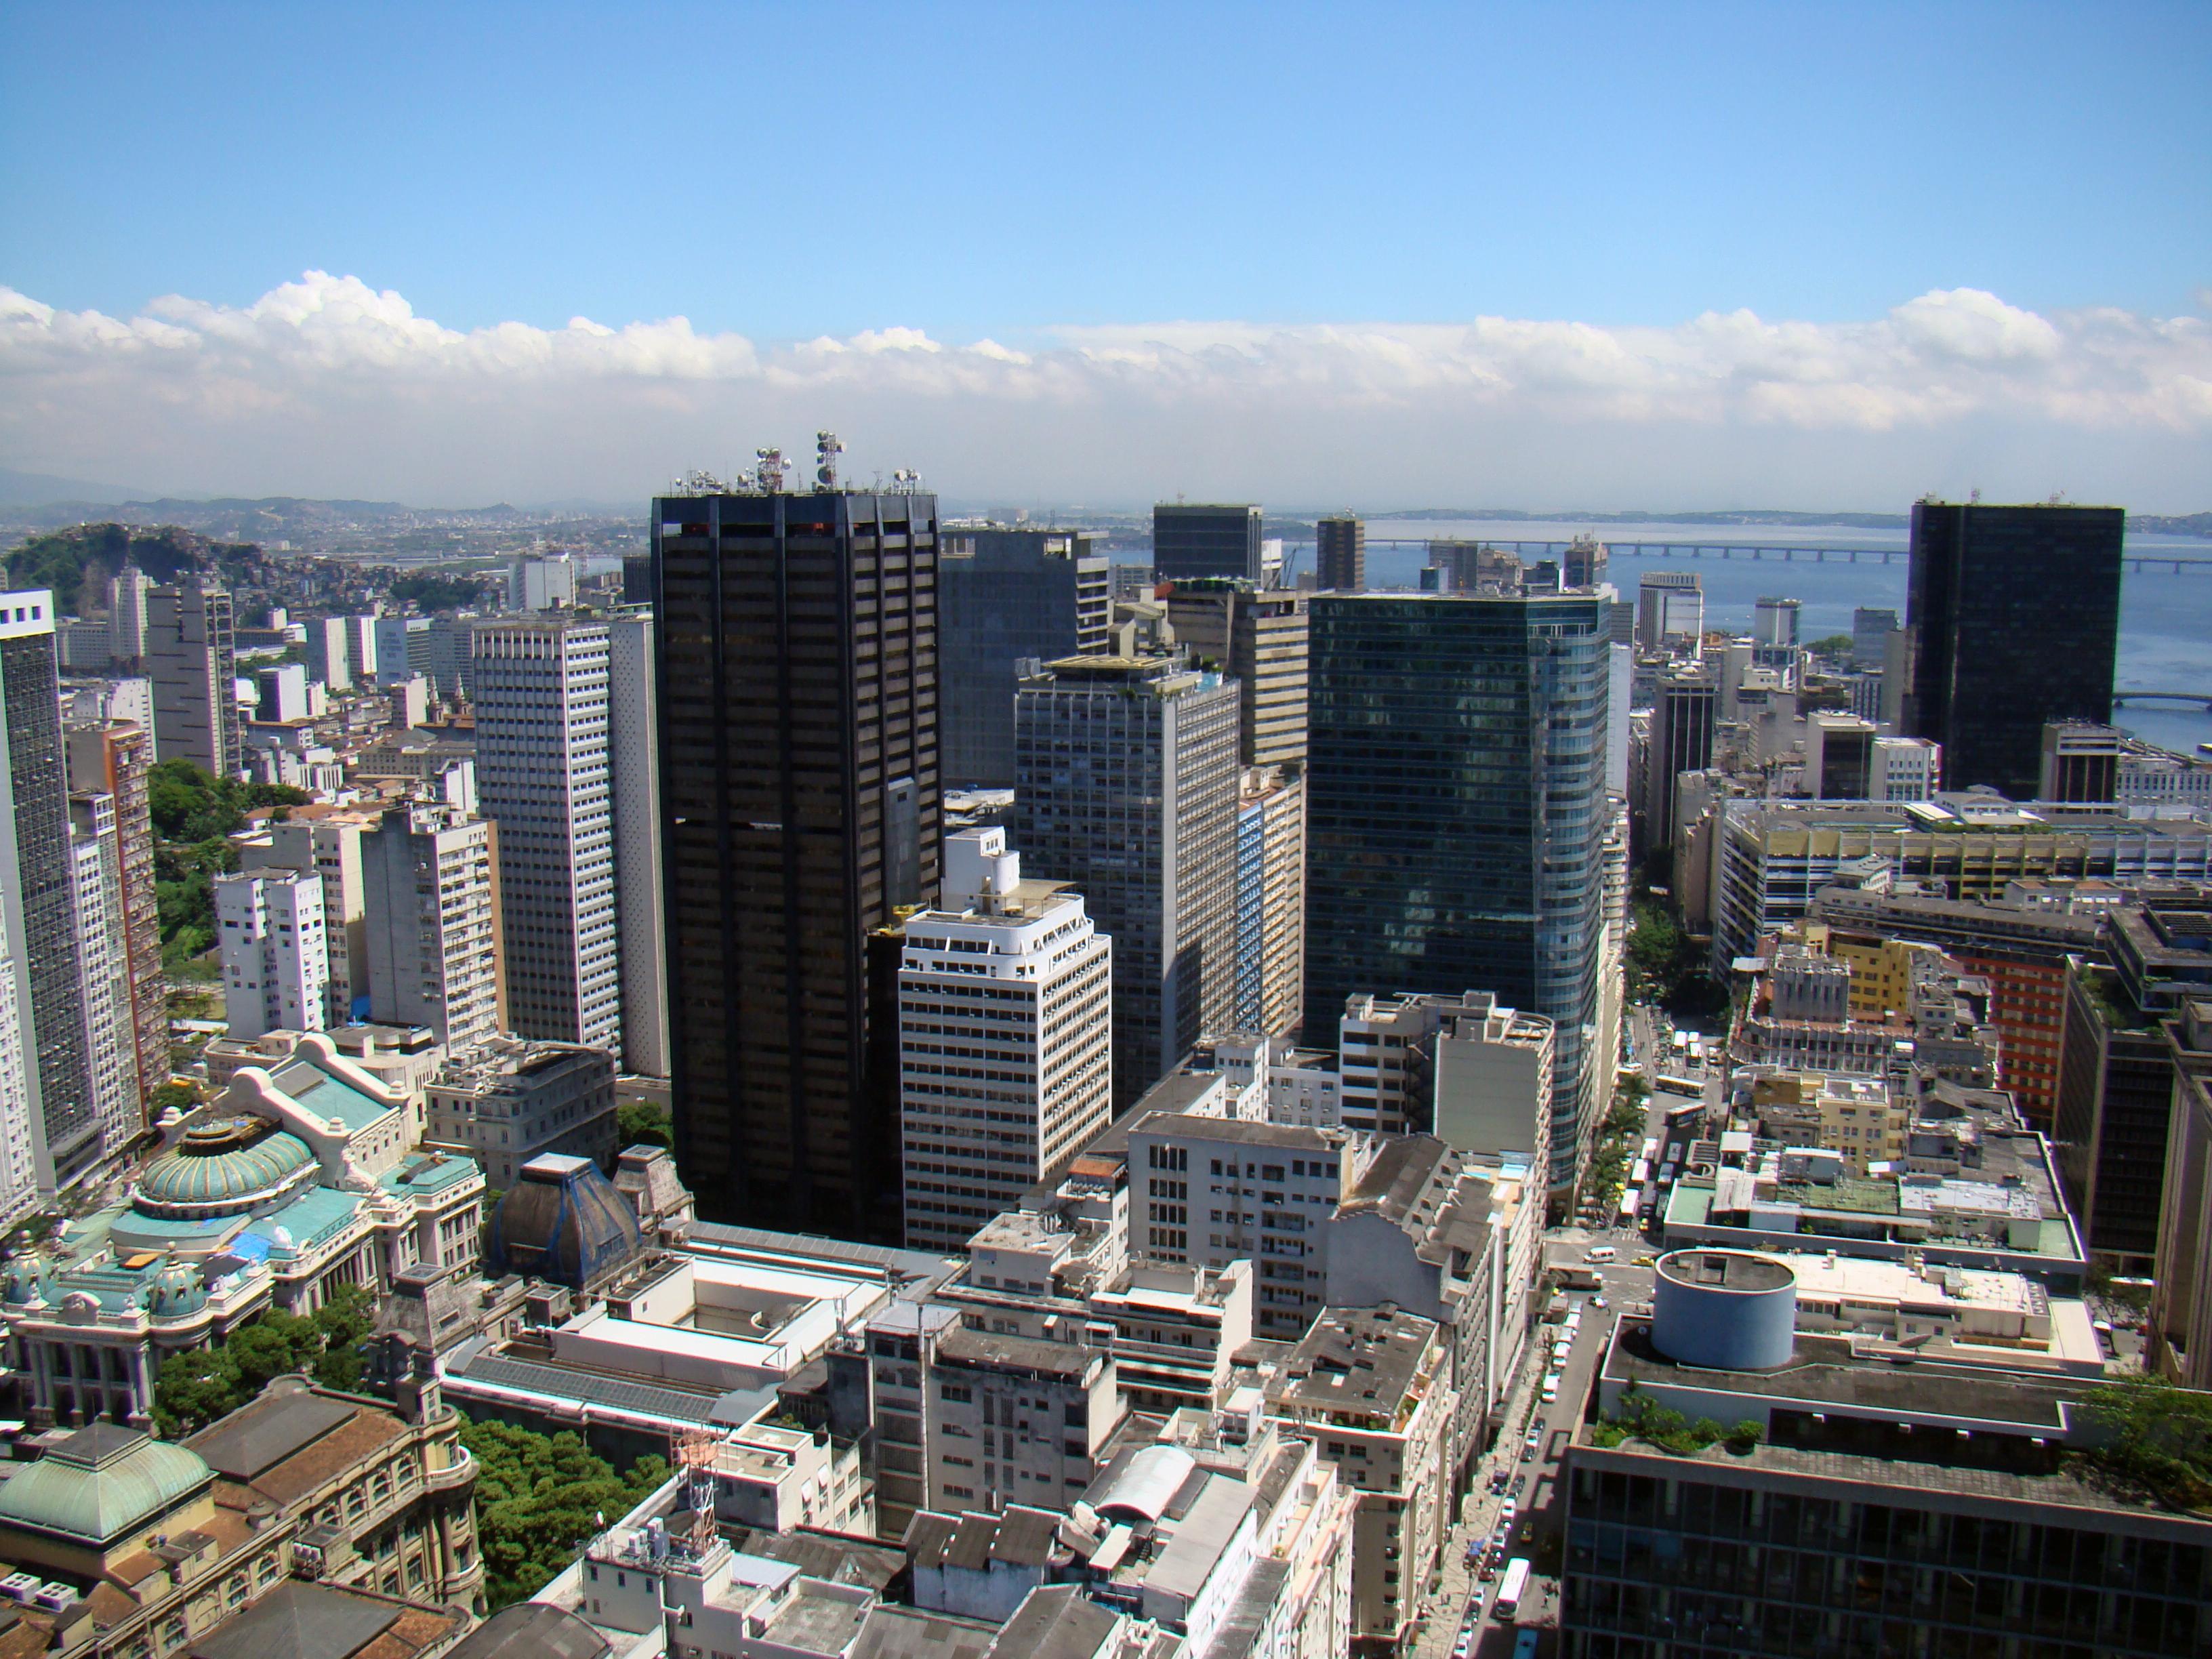 Vista_aérea_Centro_do_Rio_de_Janeiro_RJ.jpg